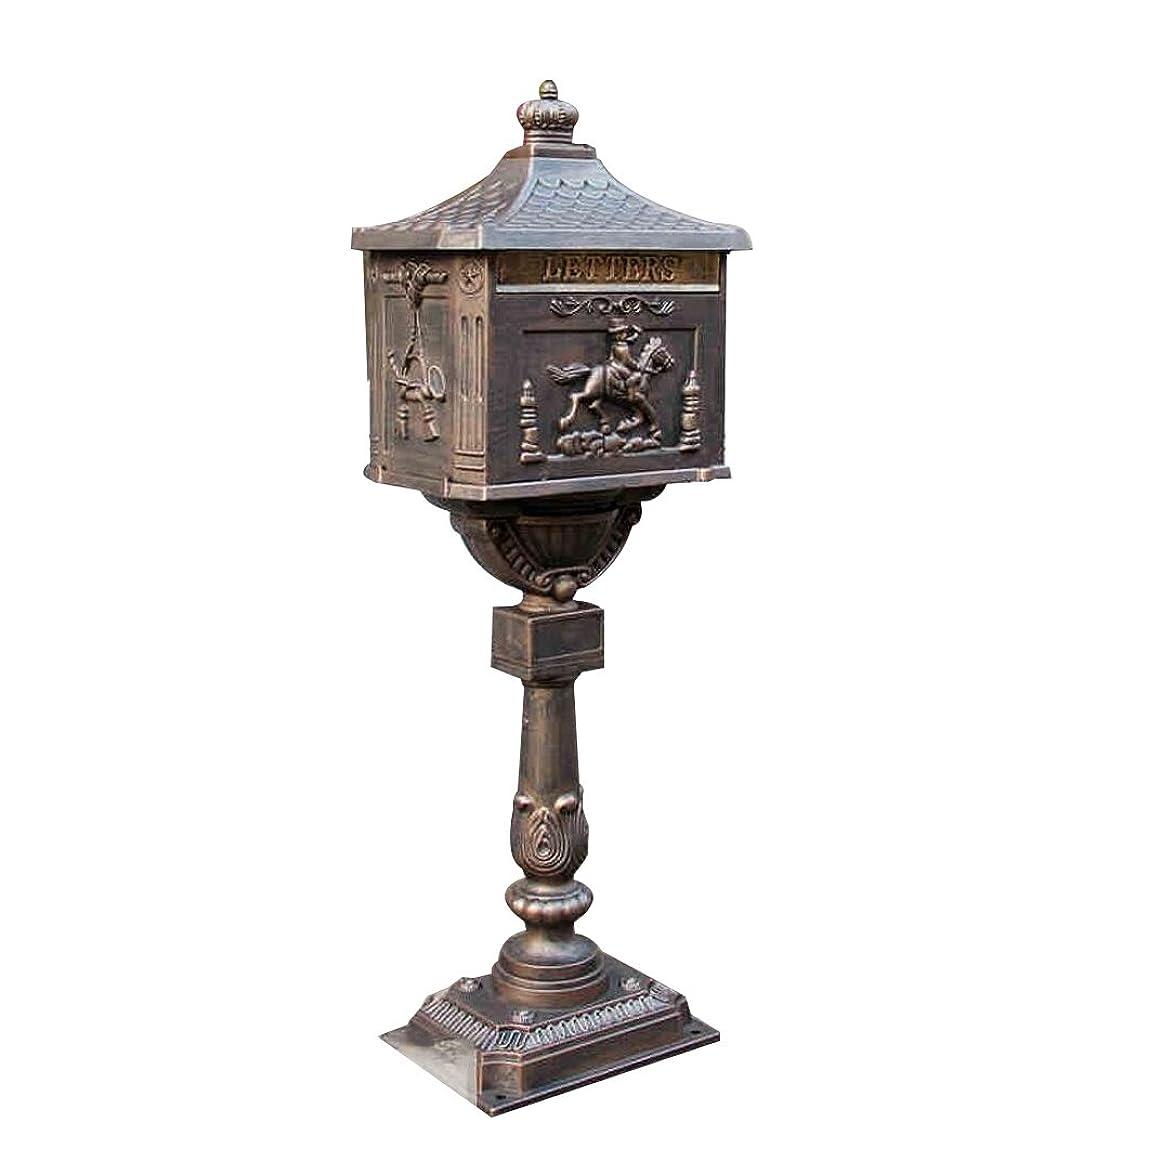 試してみる洗うクライマックスRMJAI メールボックス フロアスタンドメールボックス、ヨーロッパのレトロアルミ防水メールボックス (色 : ブロンズ)